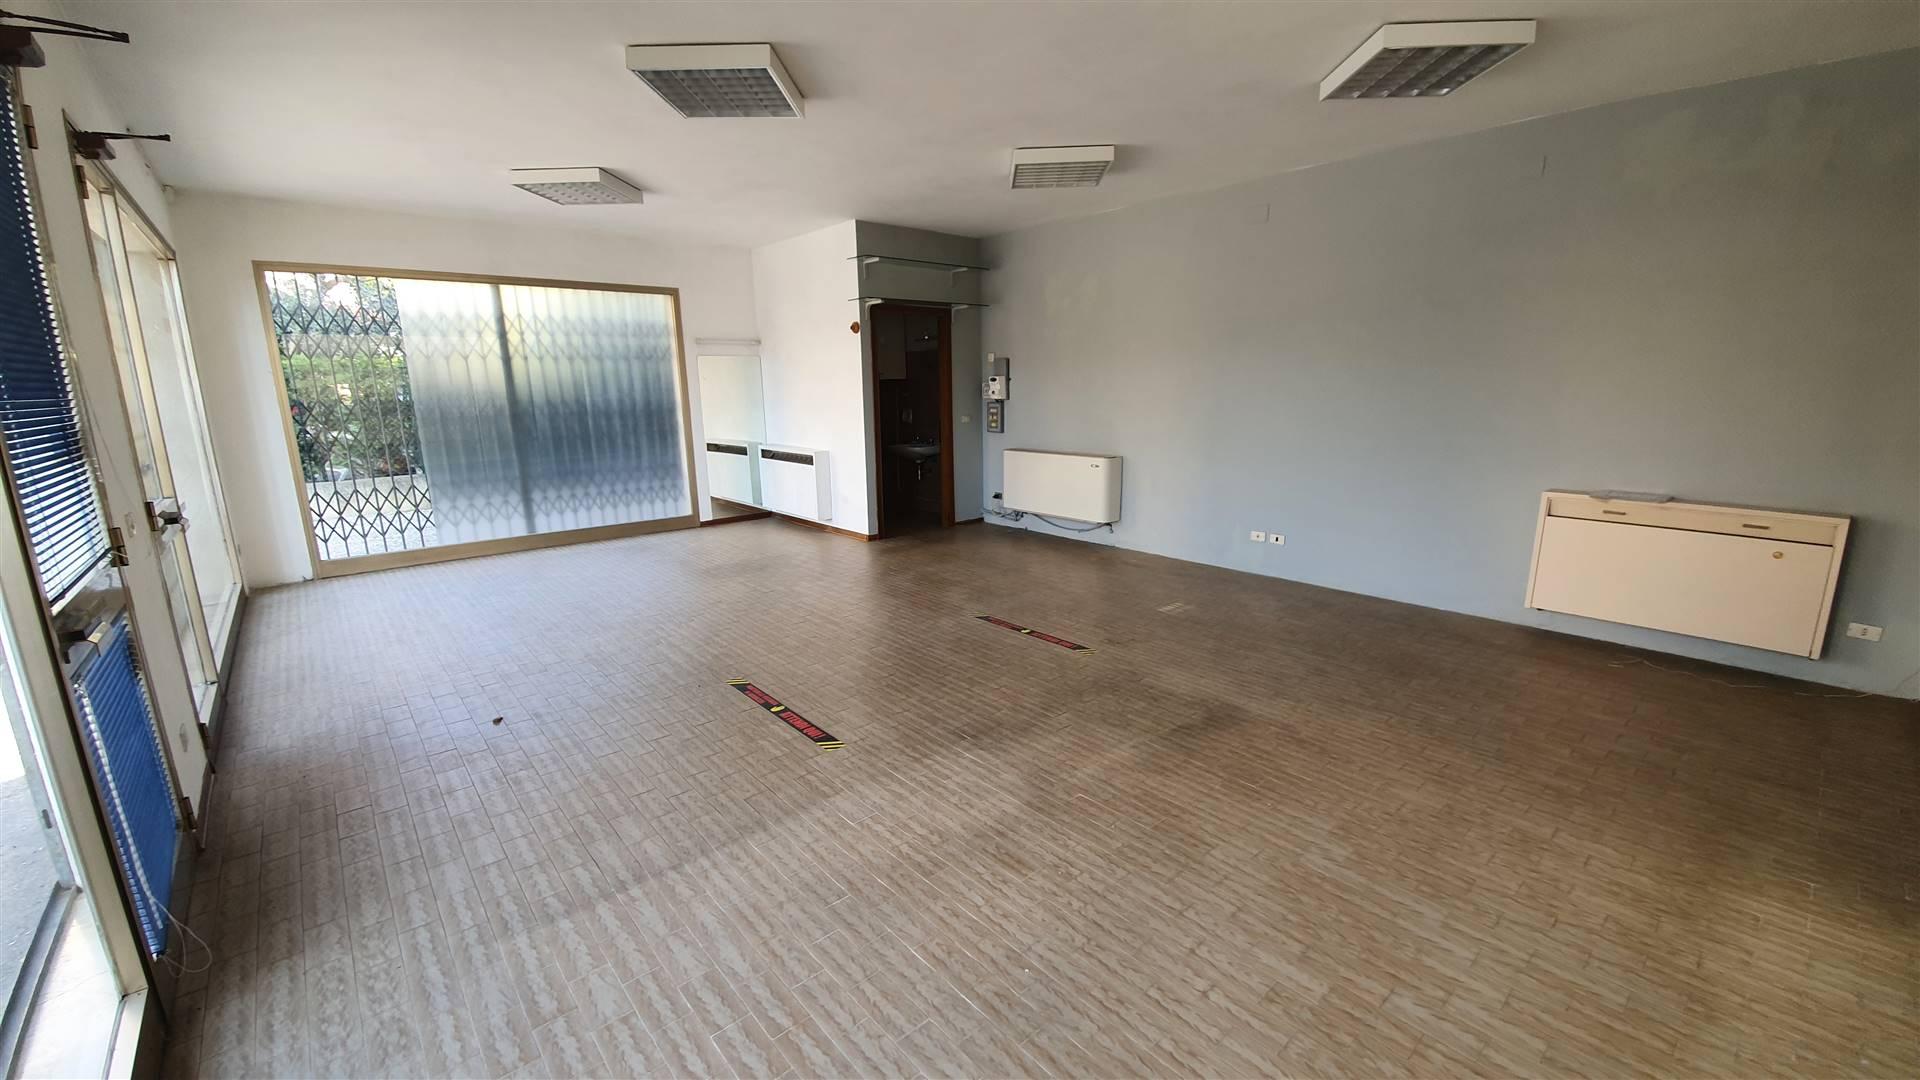 Ufficio / Studio in affitto a Este, 1 locali, prezzo € 500 | CambioCasa.it